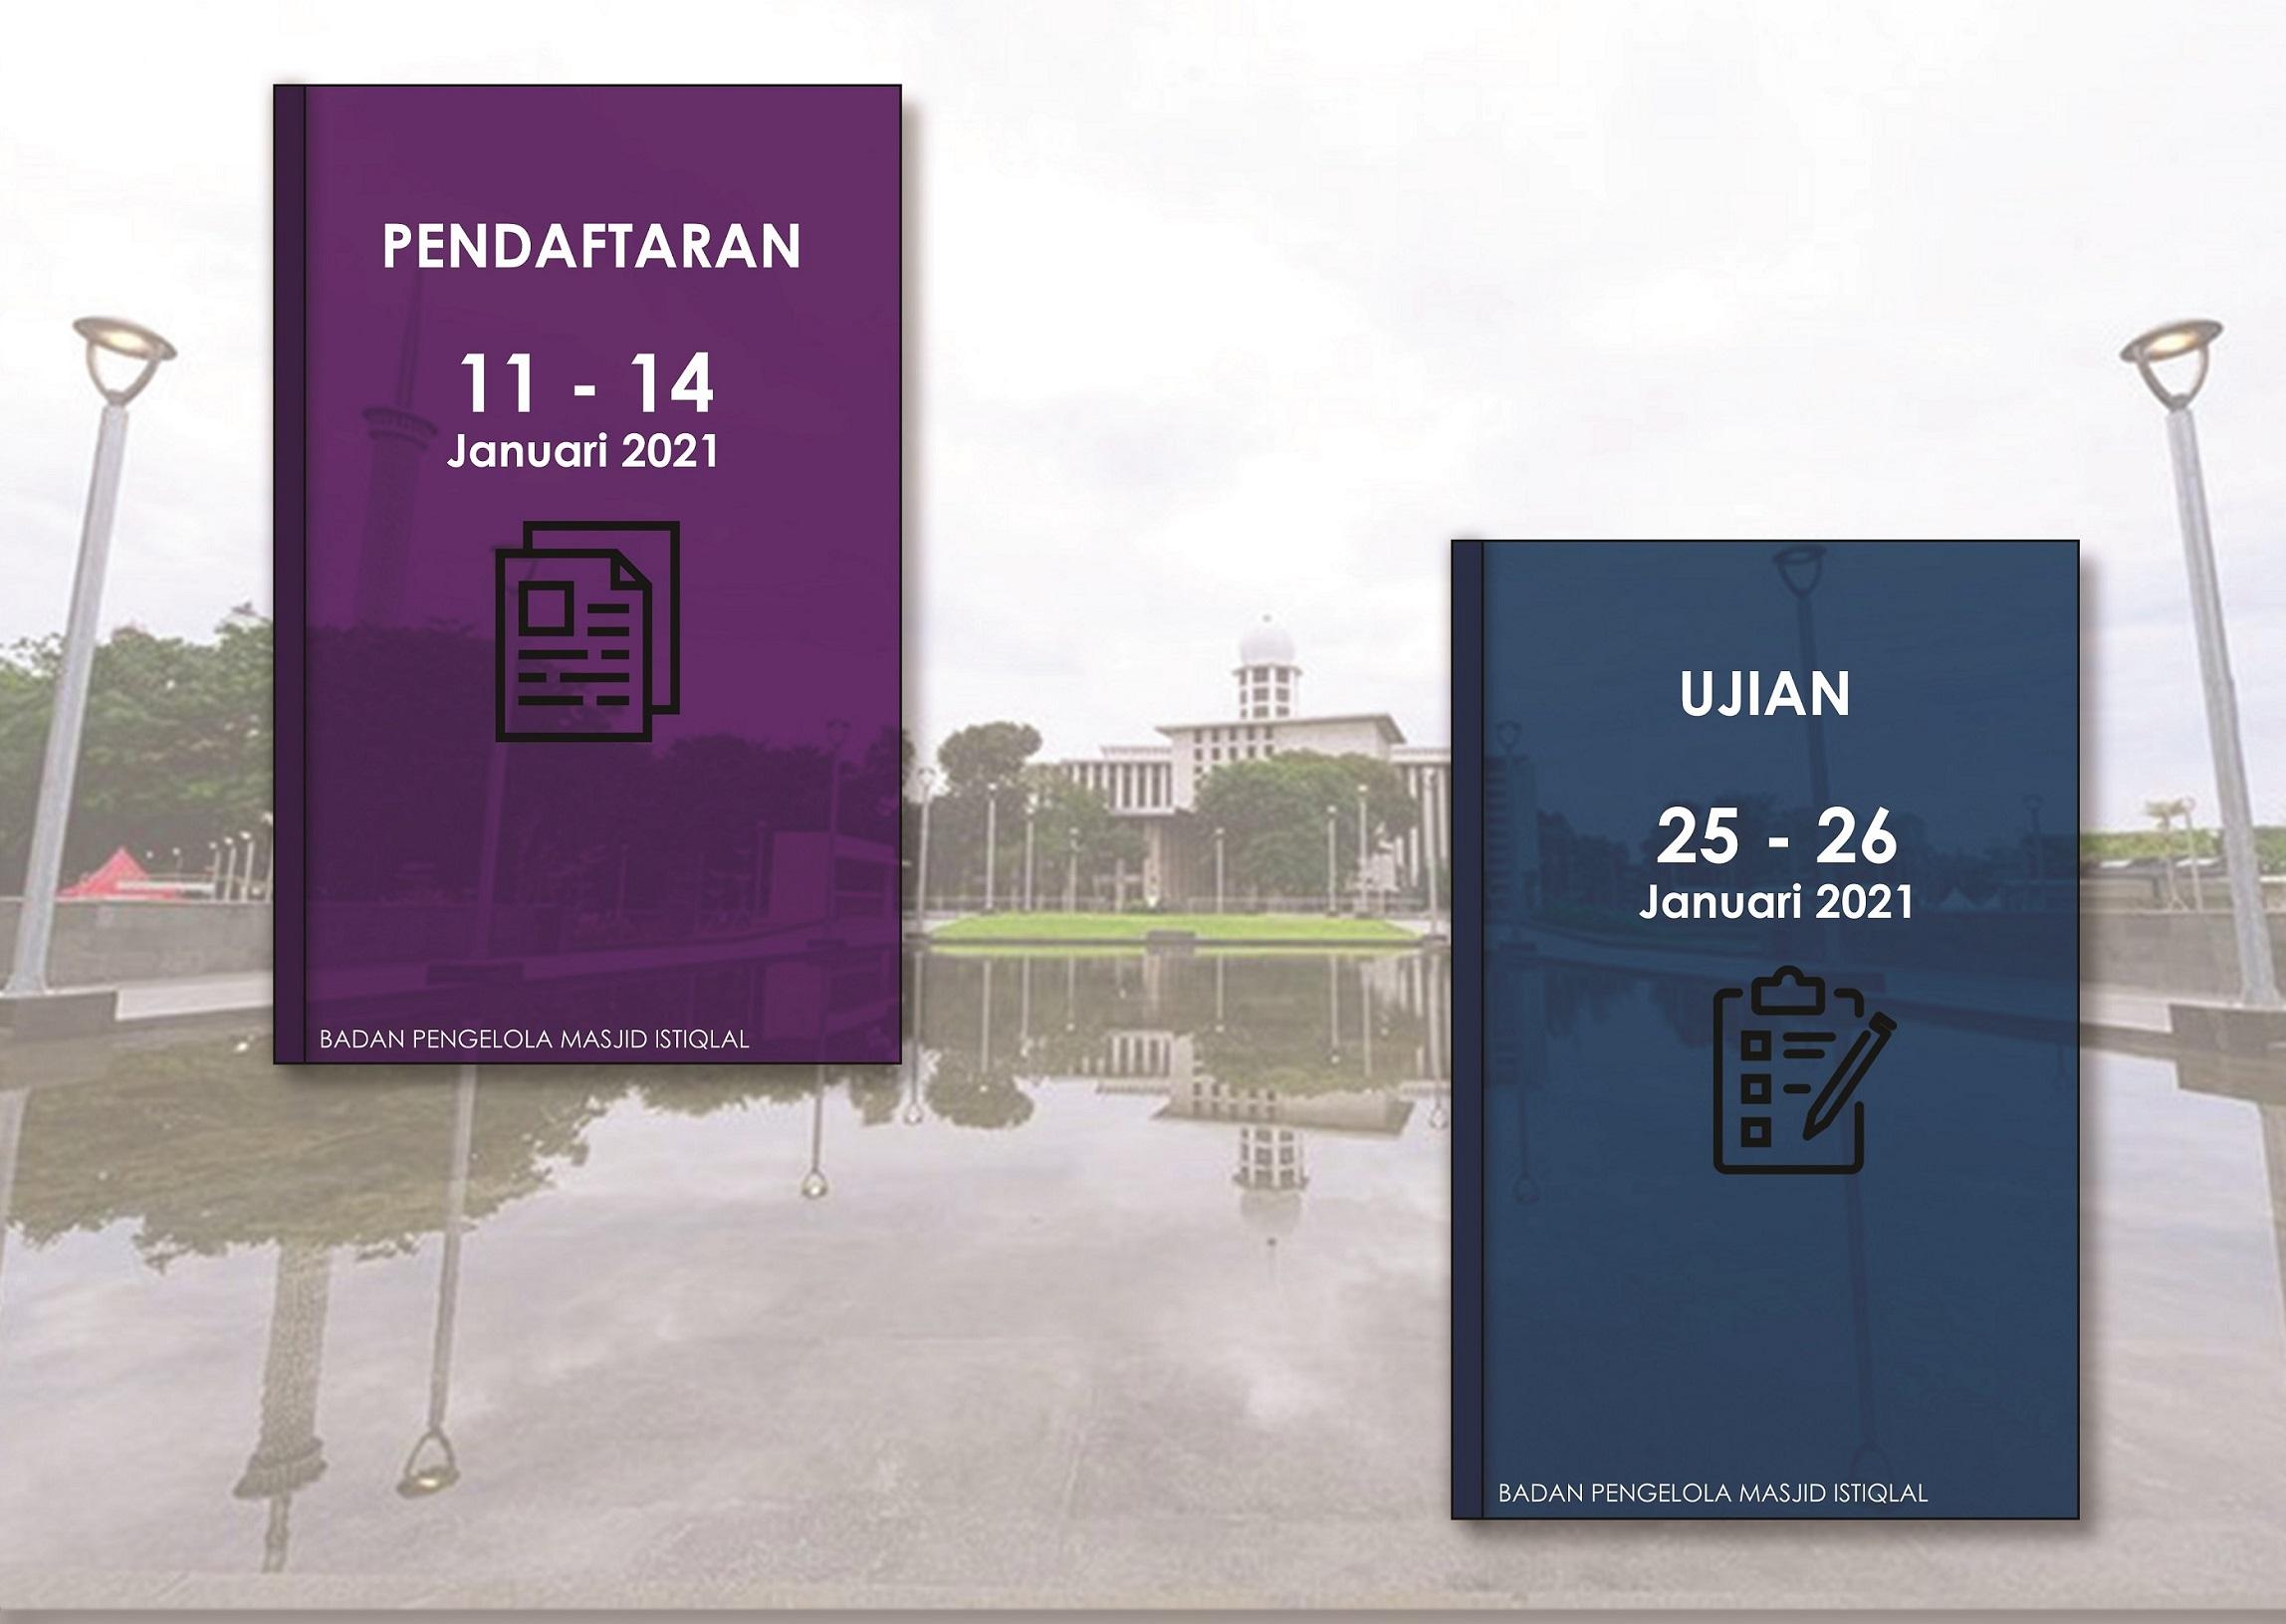 PENDAFTARAN Pendidikan Kader Ulama Masjid Istiqlal 2021 Gelombang ke 2